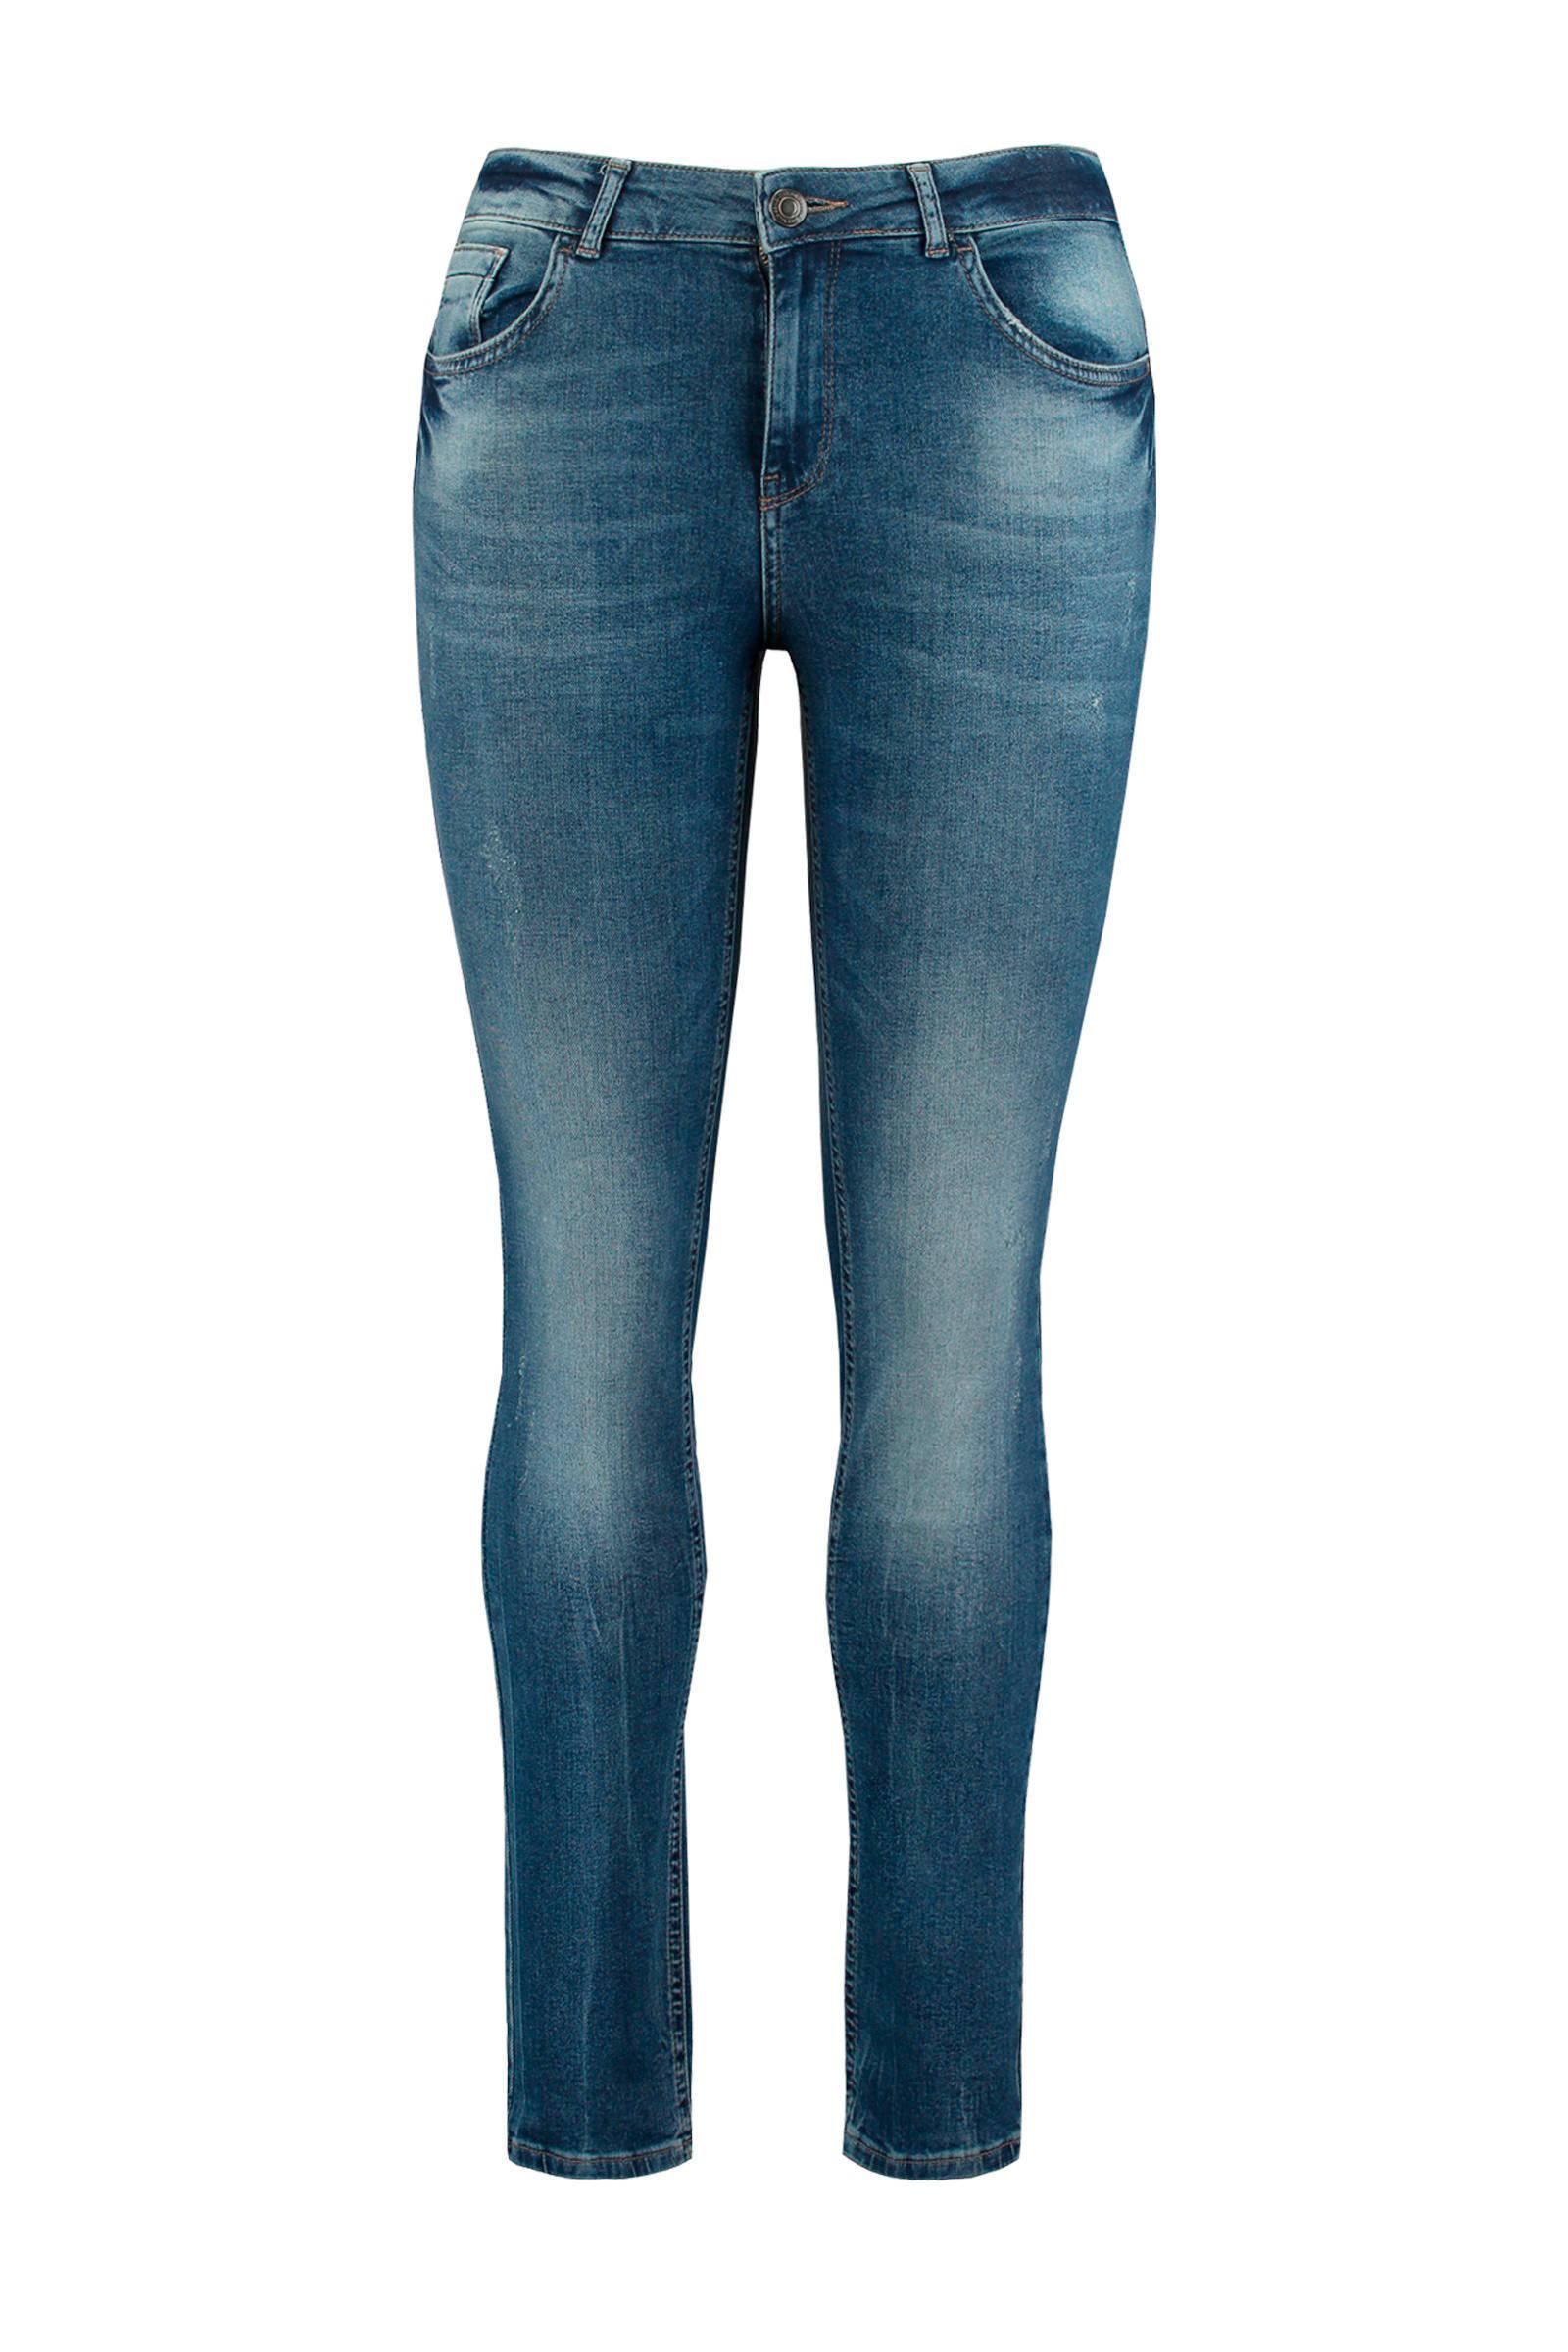 b567f20ca9b3bc Wehkamp Vanaf Broeken Jeans Gratis amp  20 Bij Bezorging Mode Ms 4SXqf8xZnx